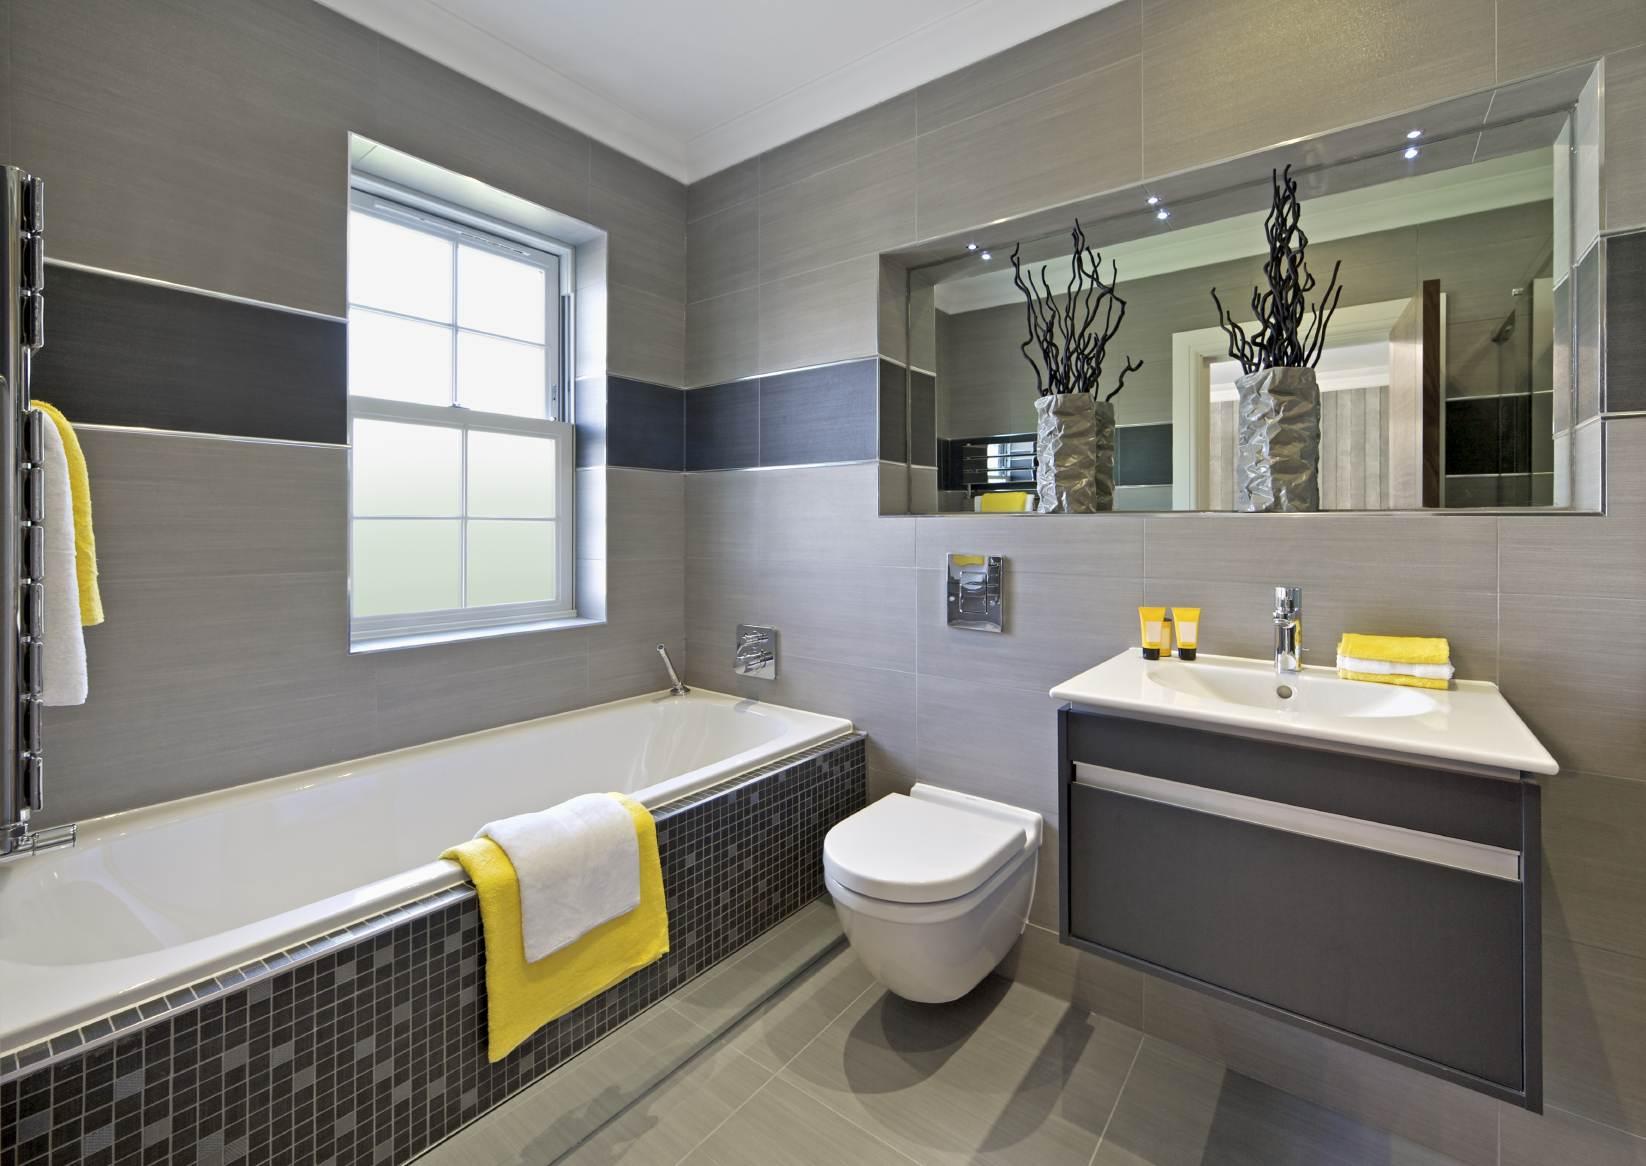 salle de bains aide au choix budget type infos. Black Bedroom Furniture Sets. Home Design Ideas